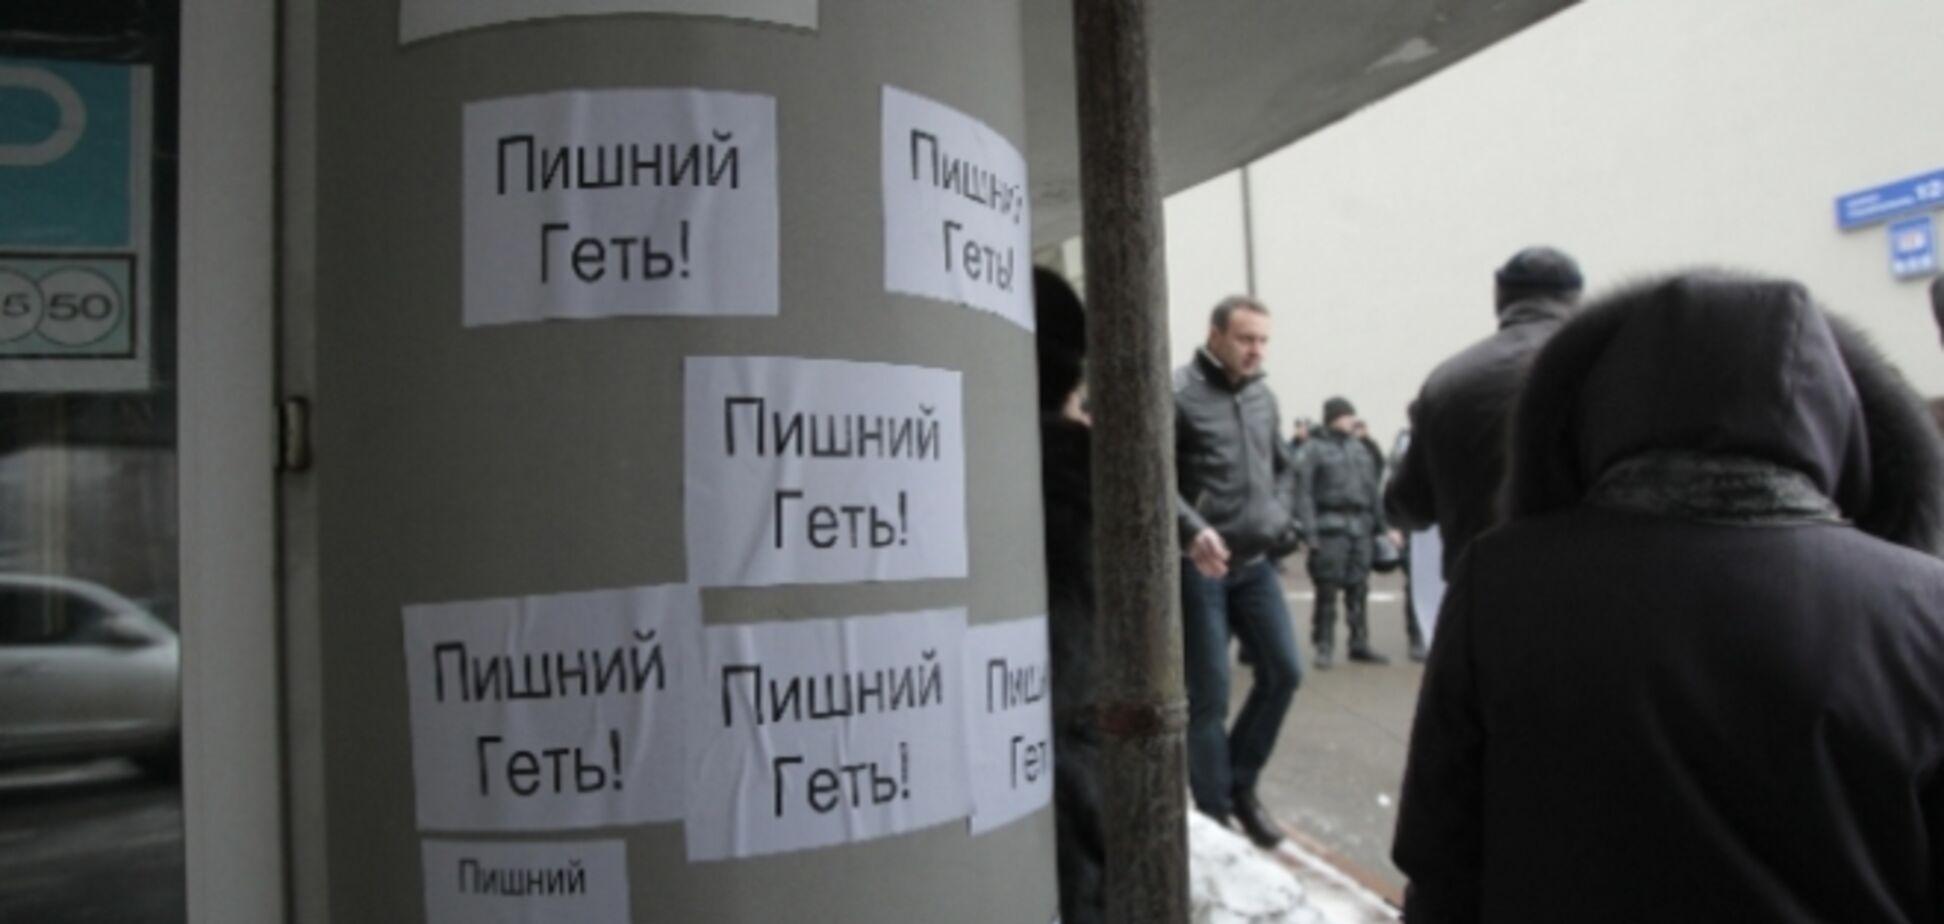 СБУ попросили проверить деятельность 'Ощадбанка' на территории 'ДНР' и 'ЛНР'